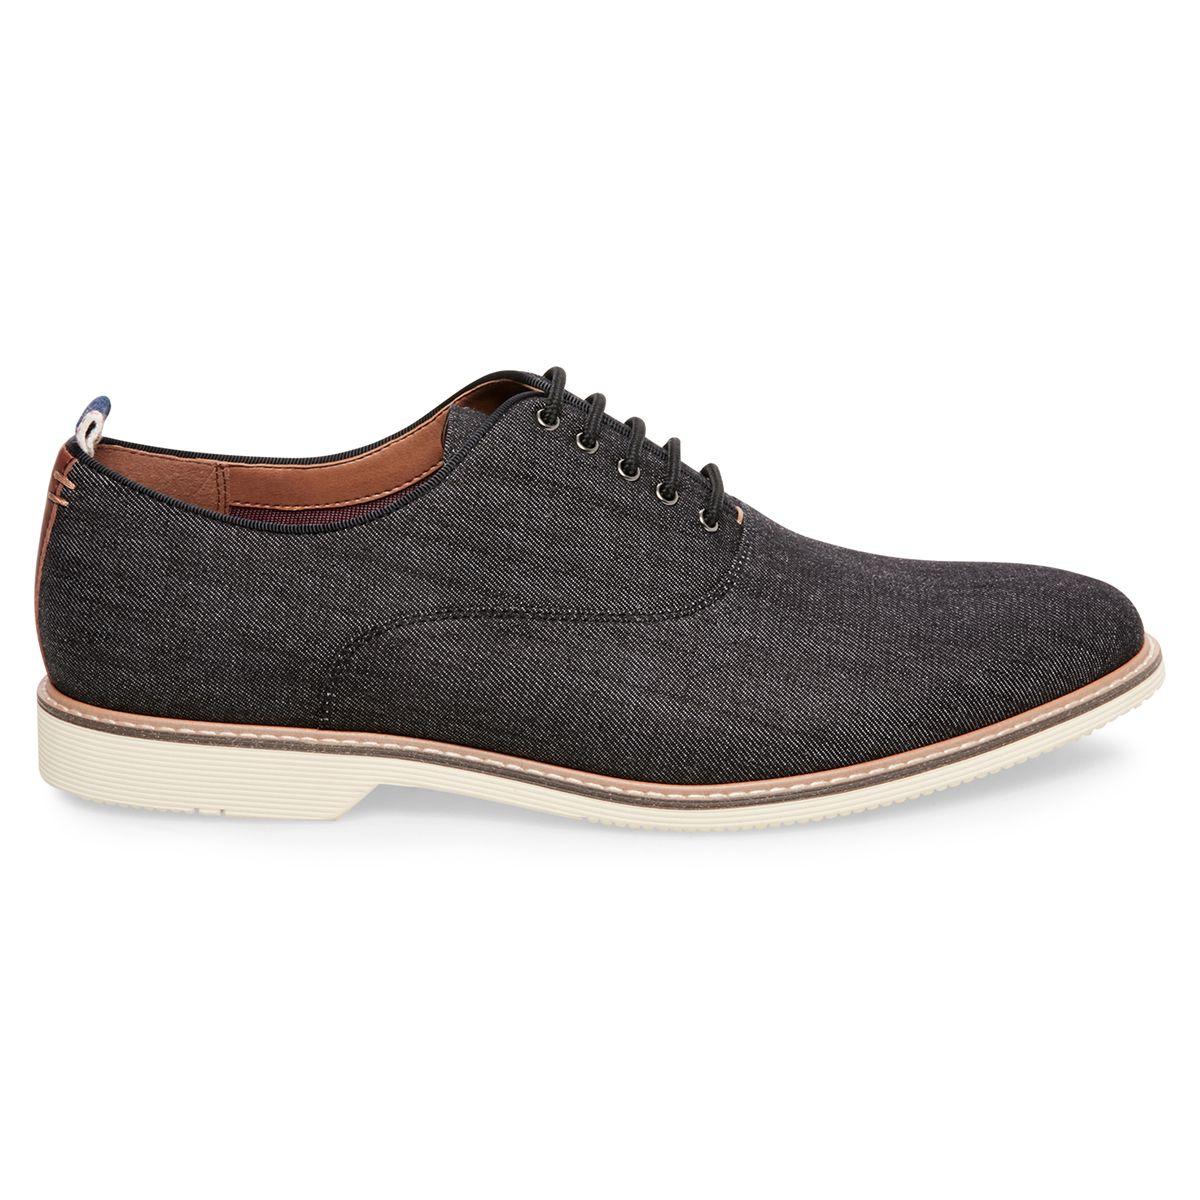 de7c0c3cc83101 Steve Madden Men's Shoes - Macy's